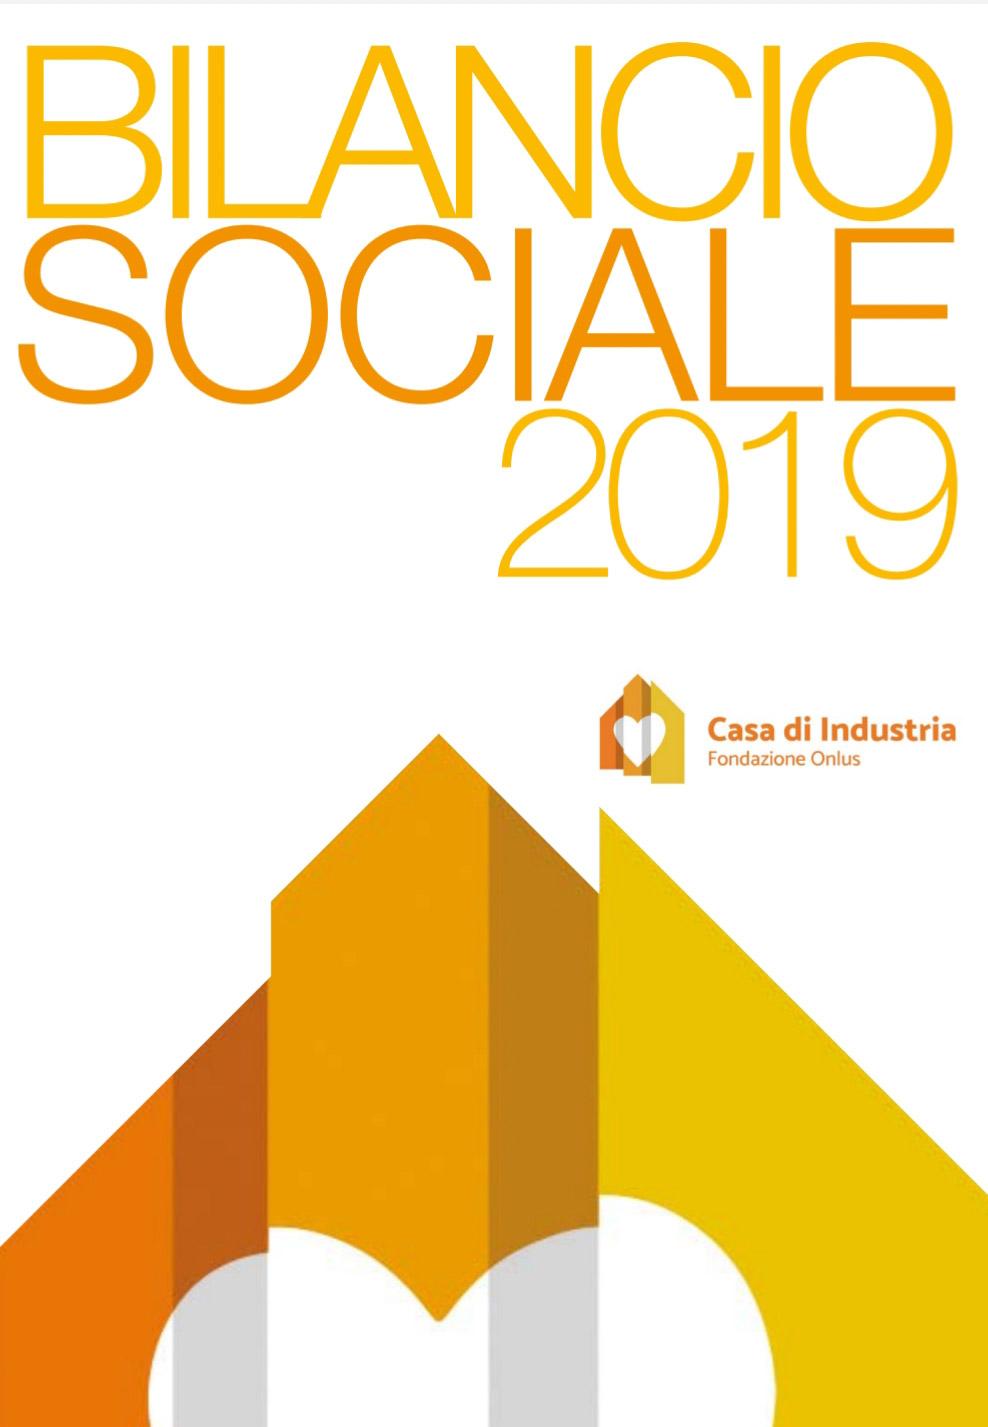 Presentato il Bilancio Sociale 2019